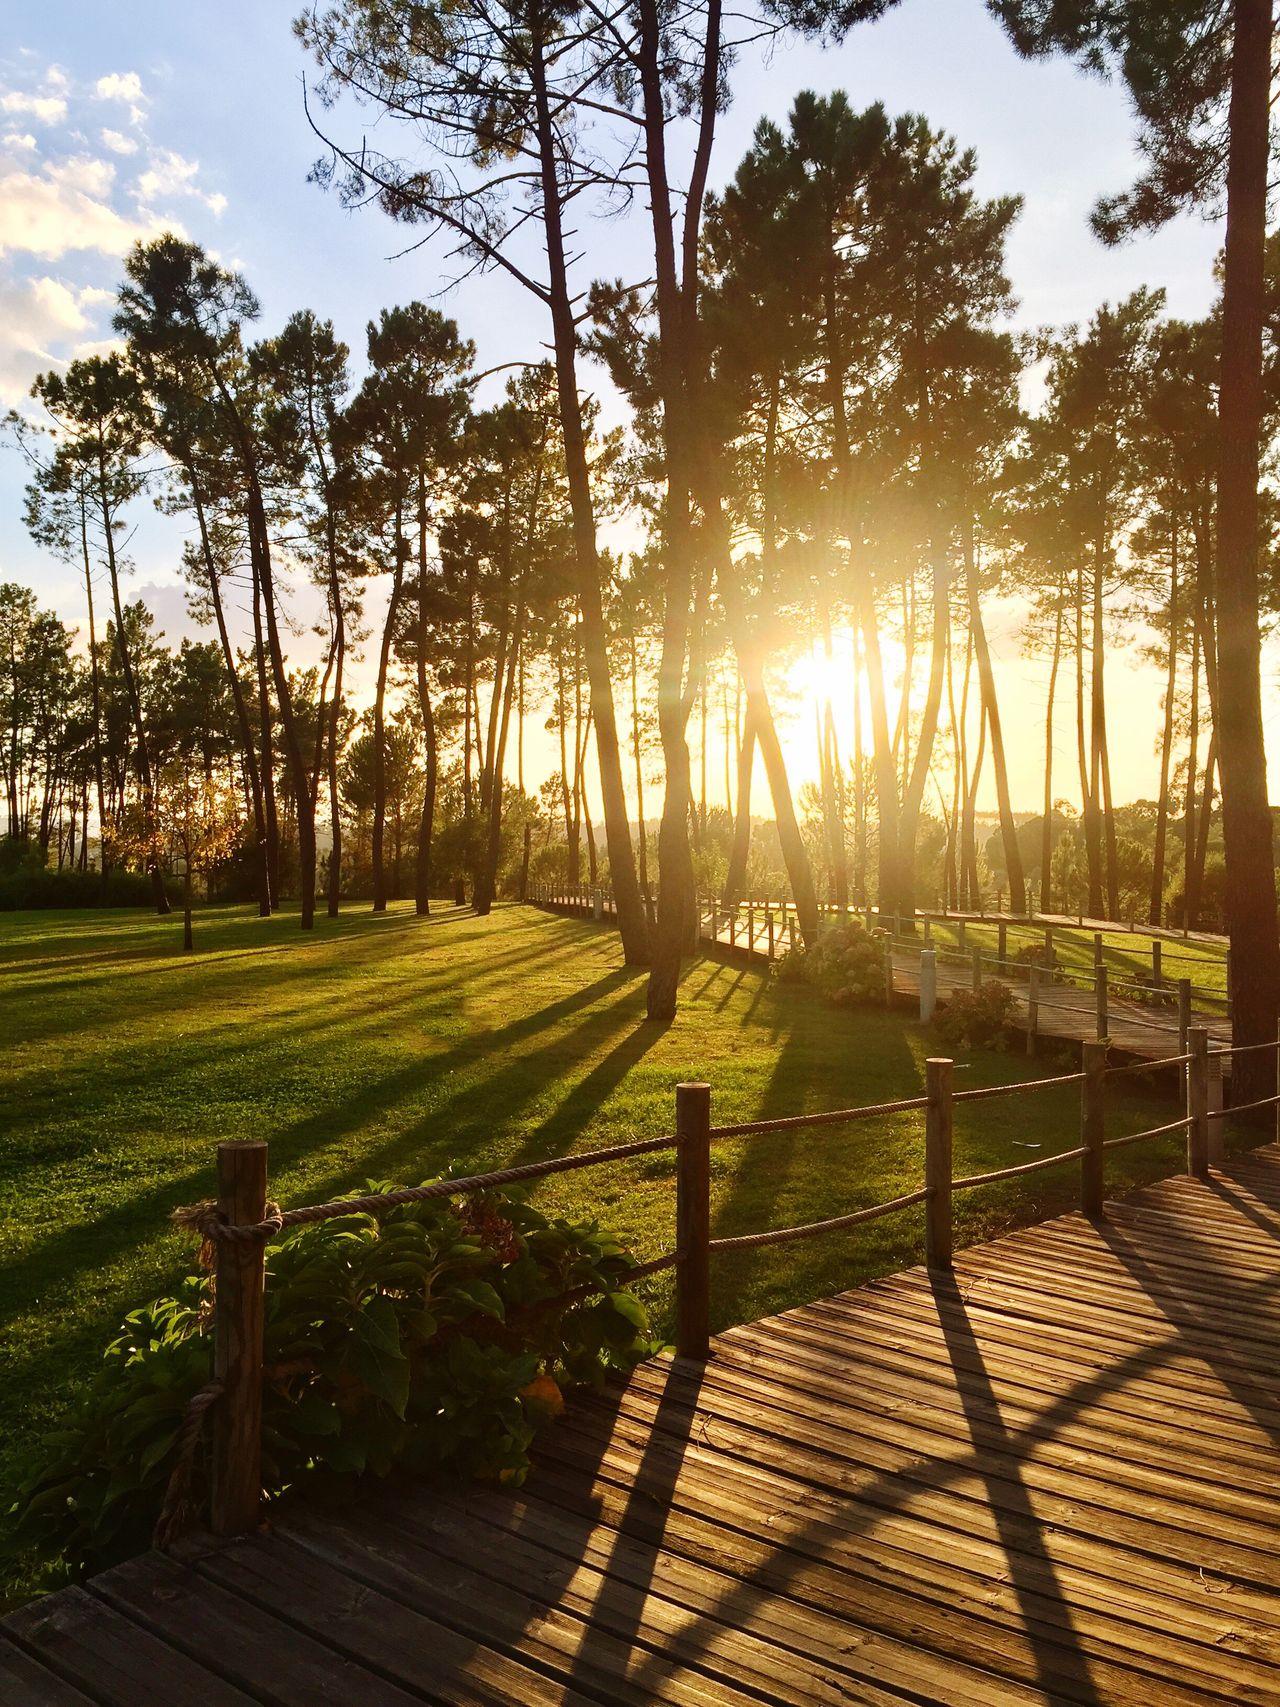 Fim de tarde São Lourenço, Abrantes. Sunlight Sunset Outdoors Park Abrantes Nature Tree